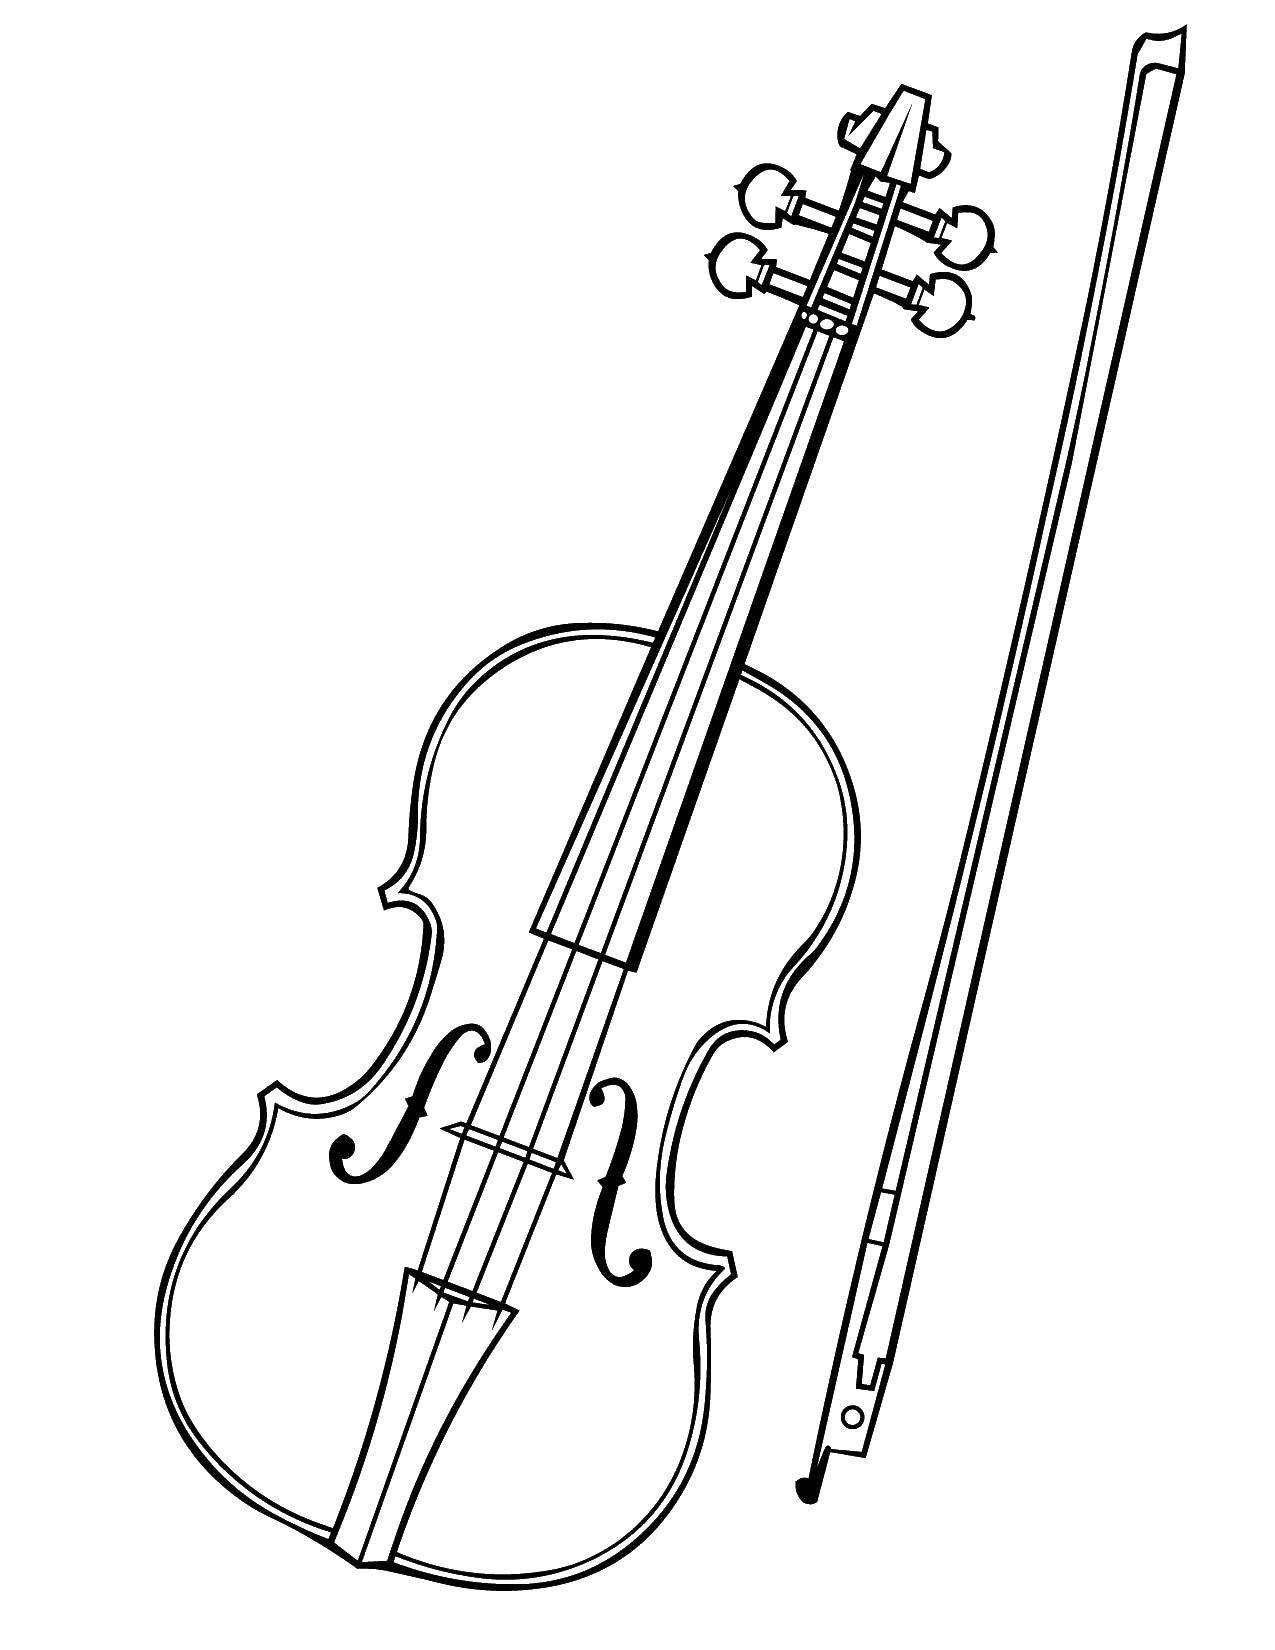 Раскраска Скрипка Скачать ,Музыка, инструмент, музыкант,.  Распечатать